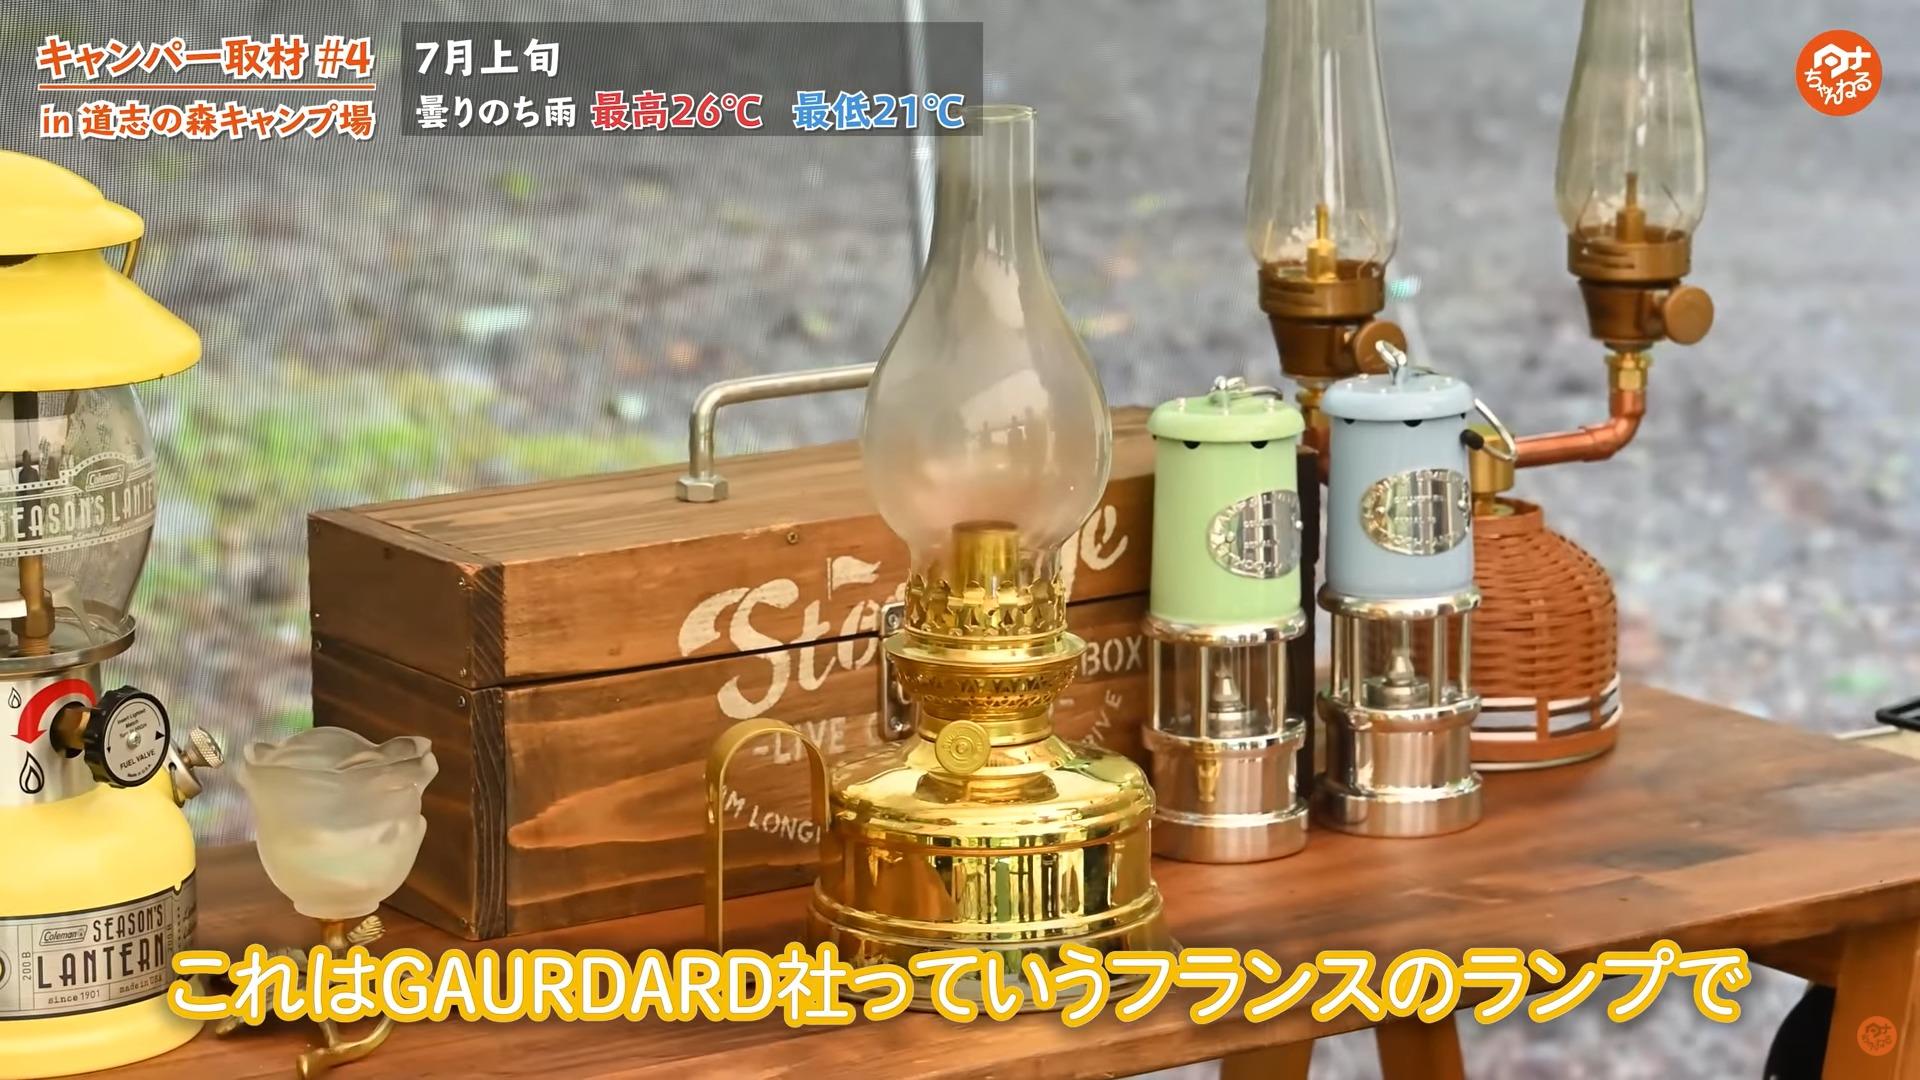 【ガーダード (GAURDARD )】ランプ